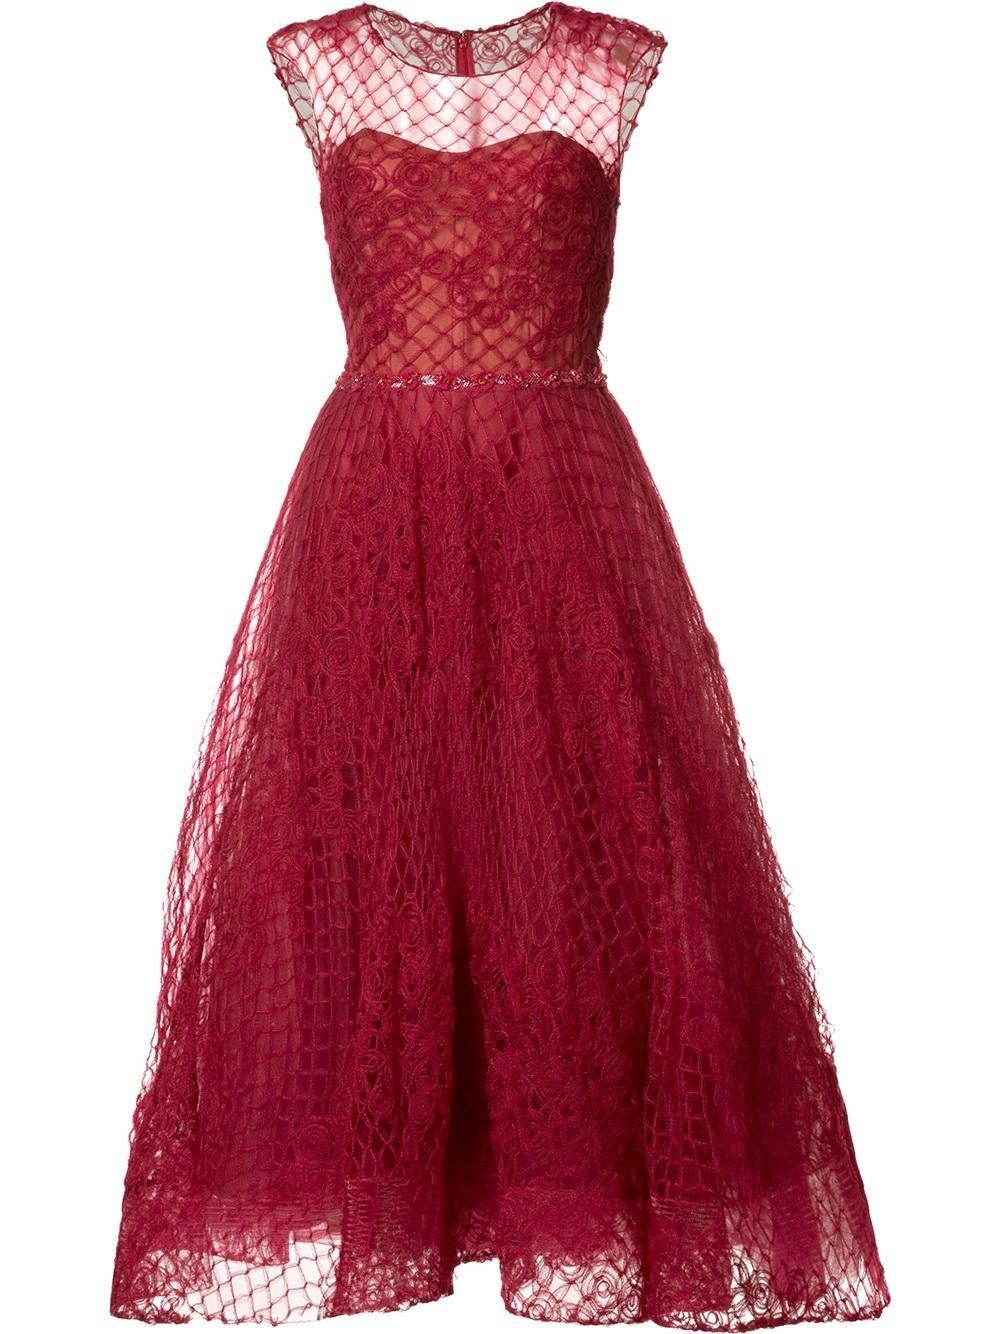 O vestido Marchesa Notte (Foto: Reprodução)